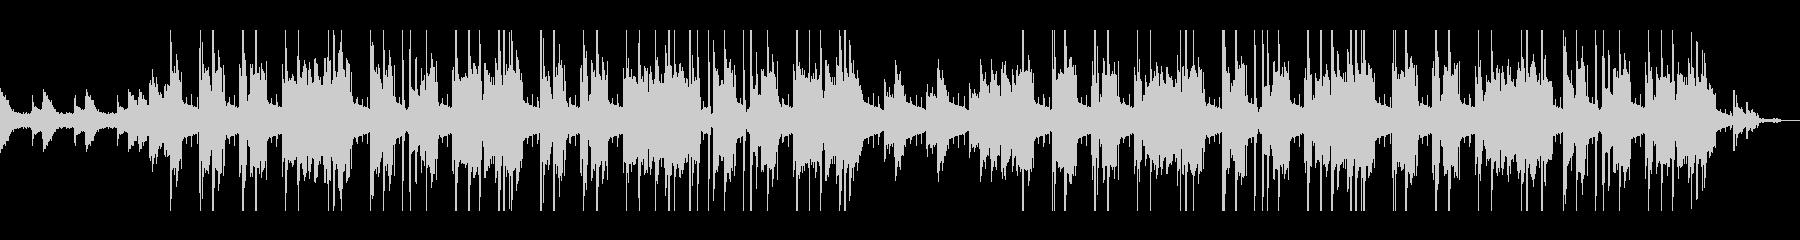 切ない・クールなピアノヒップホップの未再生の波形